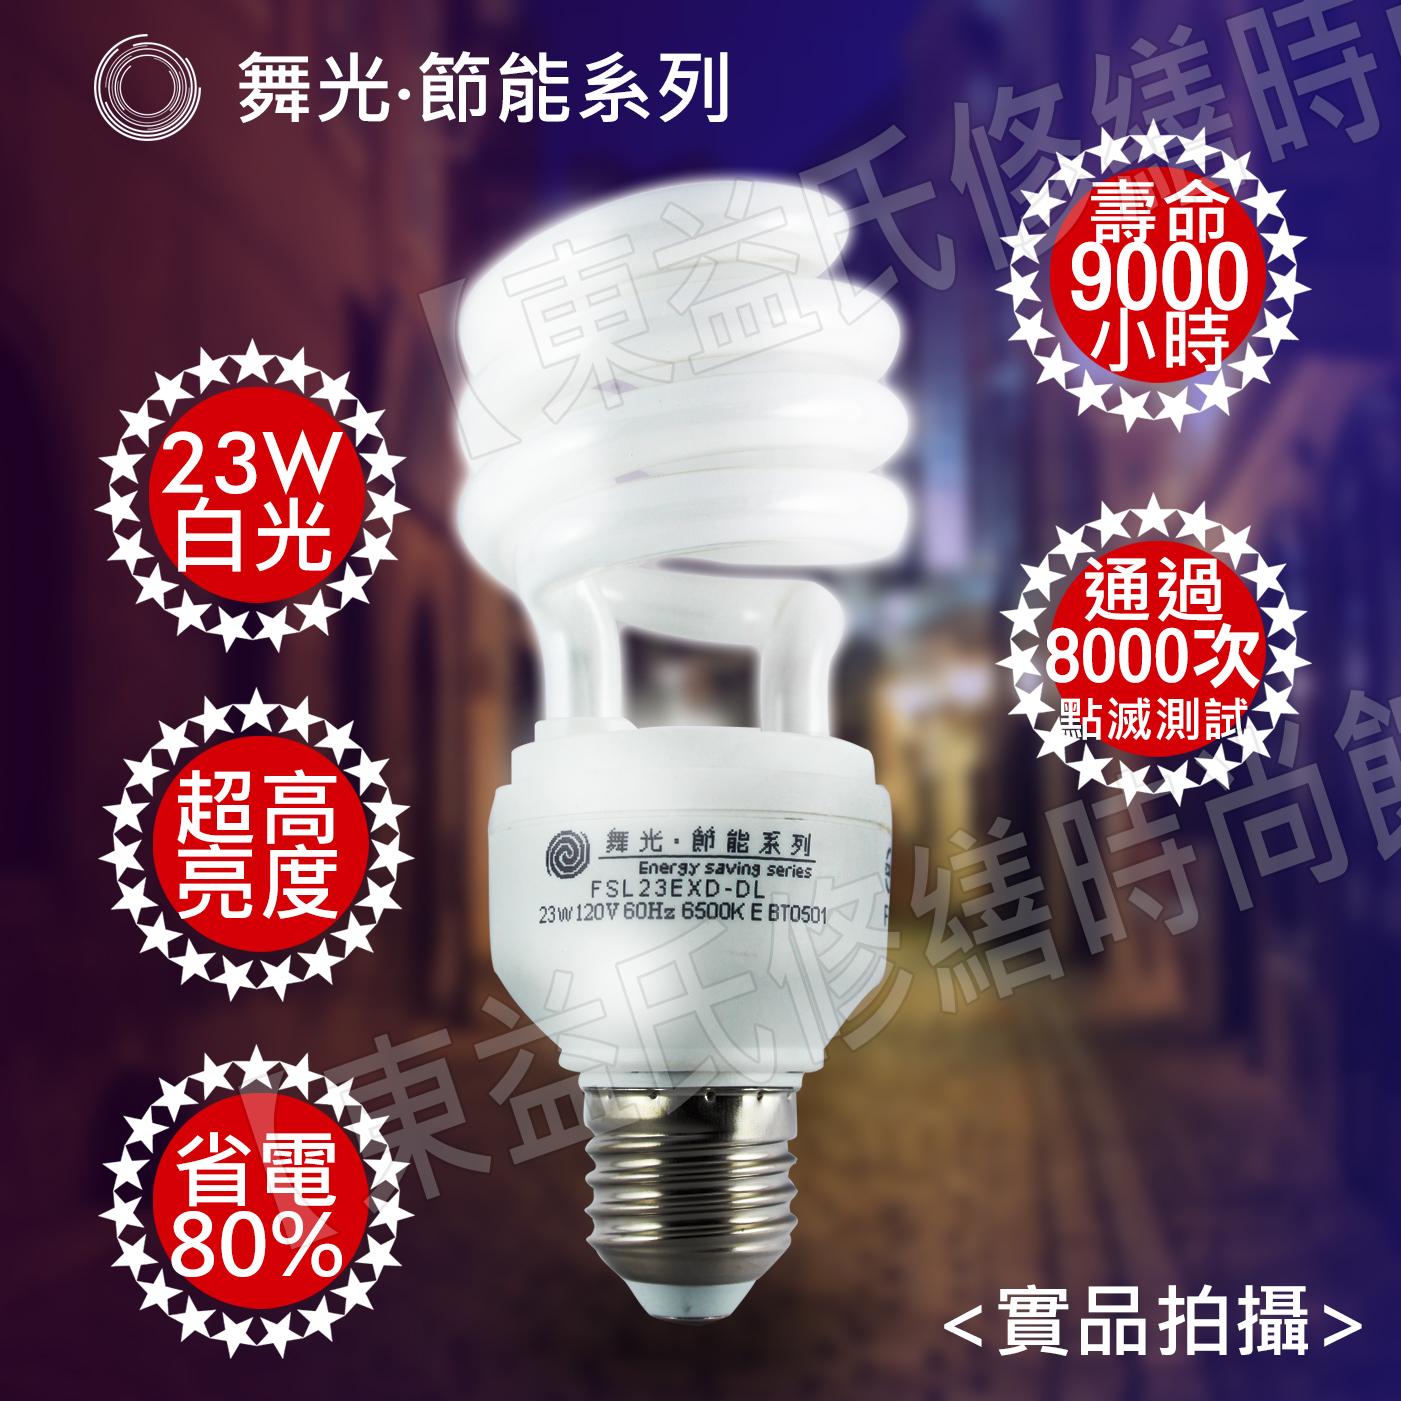 【東益氏】舞光23W螺旋省電燈泡E27頭 另售飛利浦 東亞 歐司朗27w、壯格36w 螺旋燈泡 LED省電燈泡